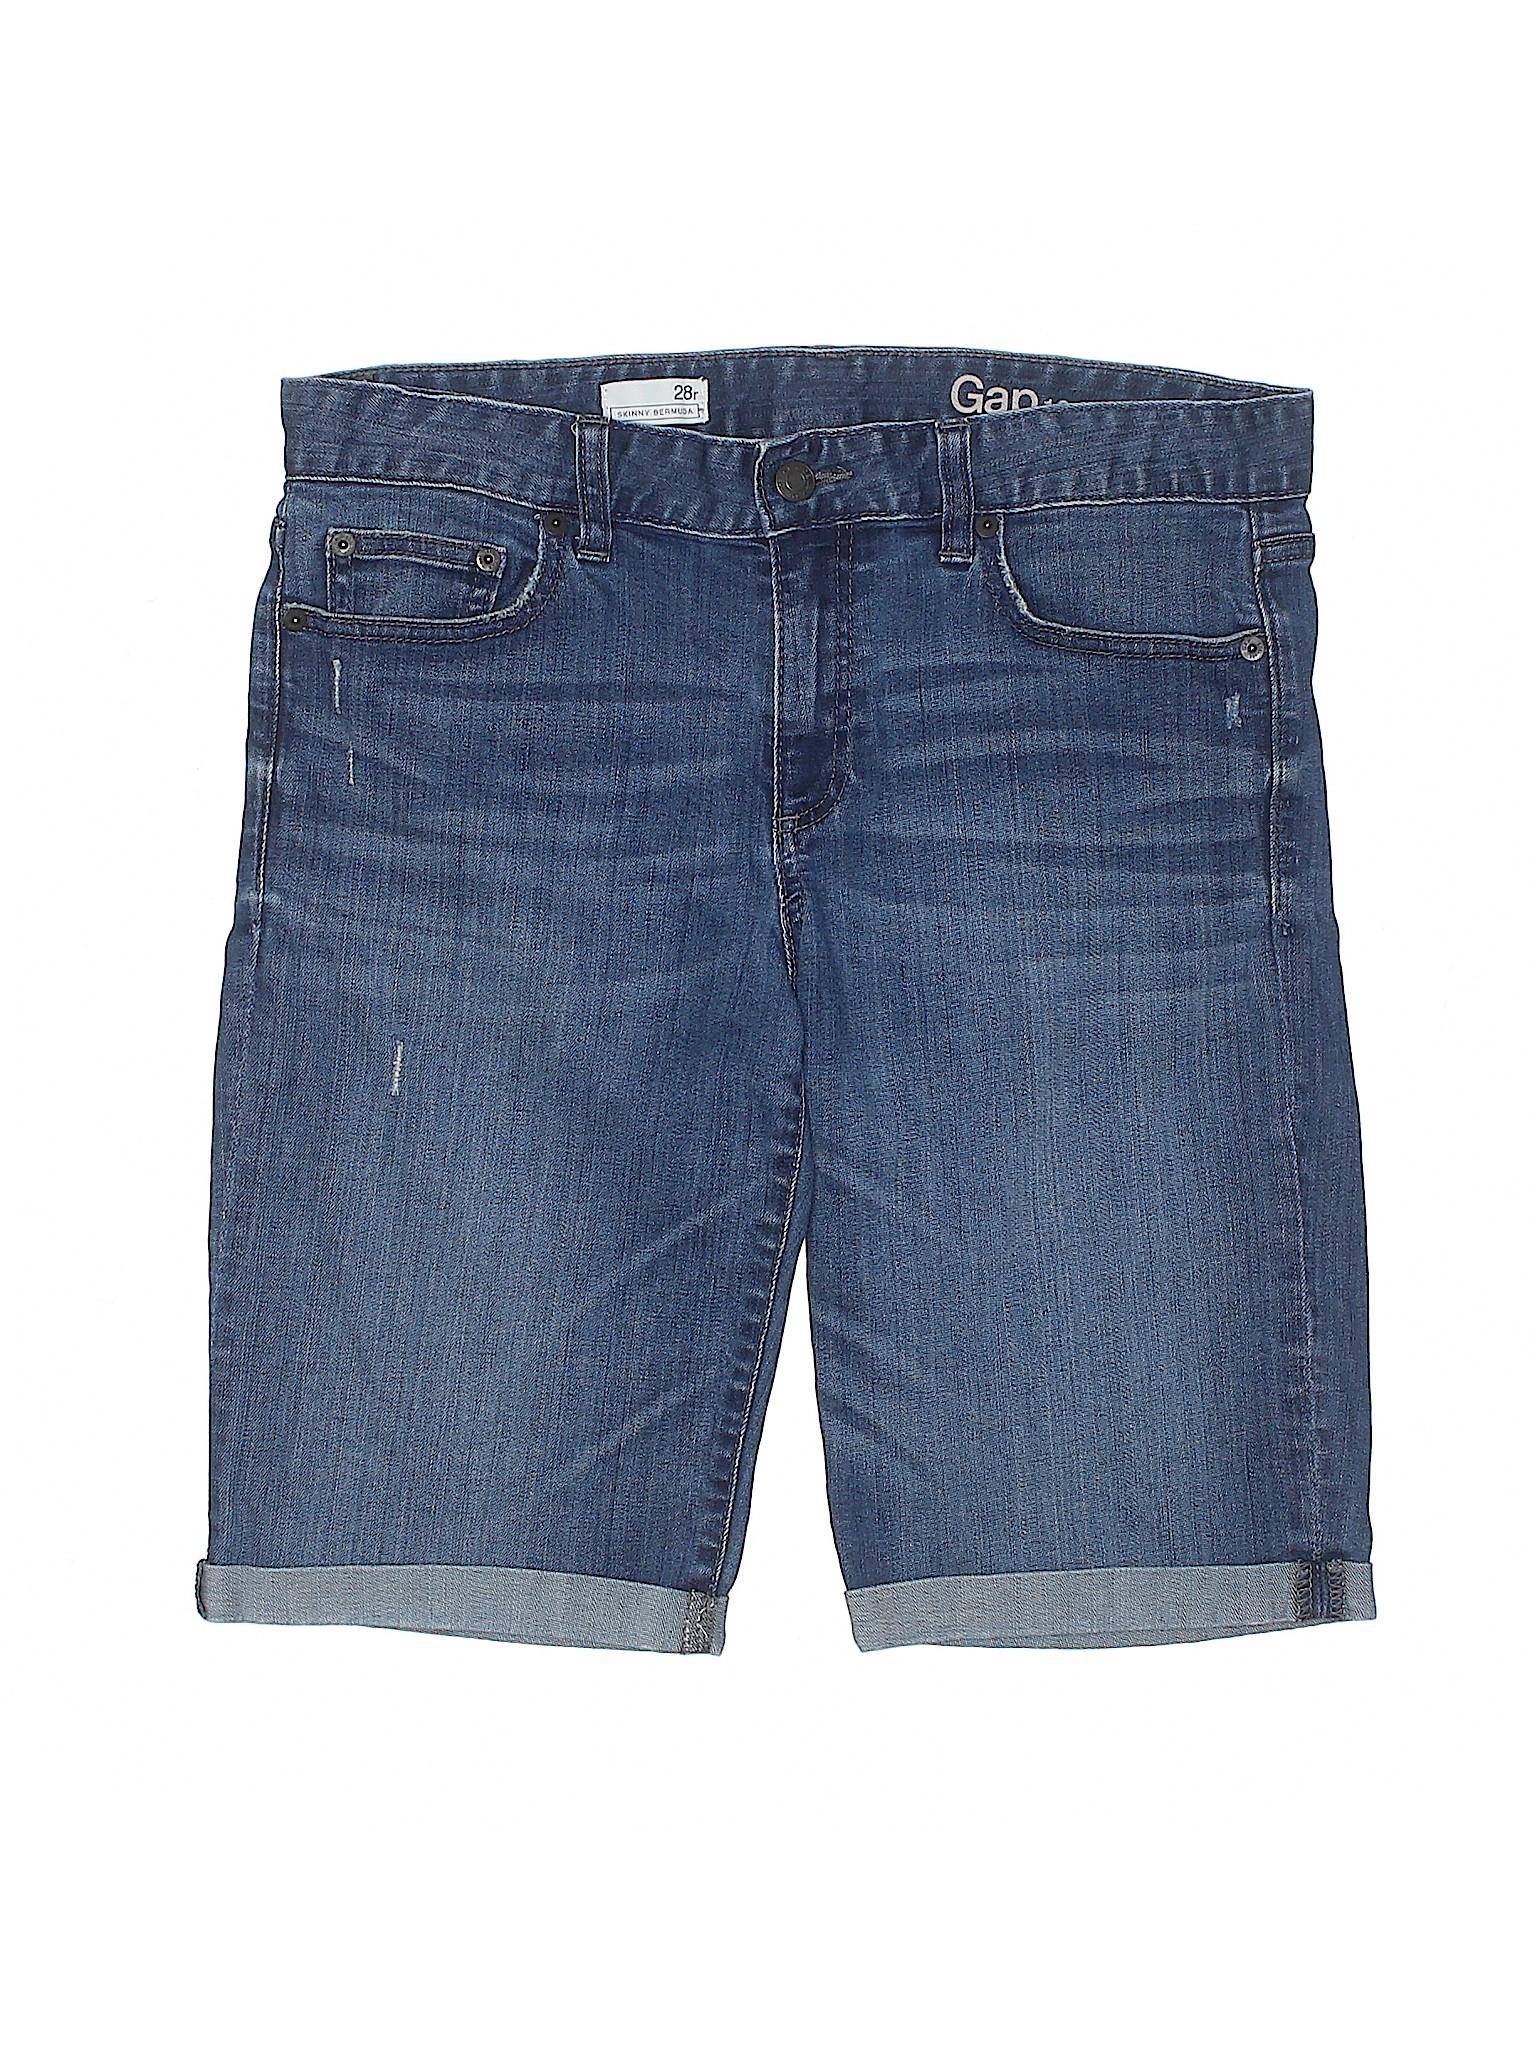 Denim Boutique Gap leisure Shorts leisure Shorts Boutique Shorts Boutique Gap Gap leisure Denim Boutique Denim vwSnqRE8